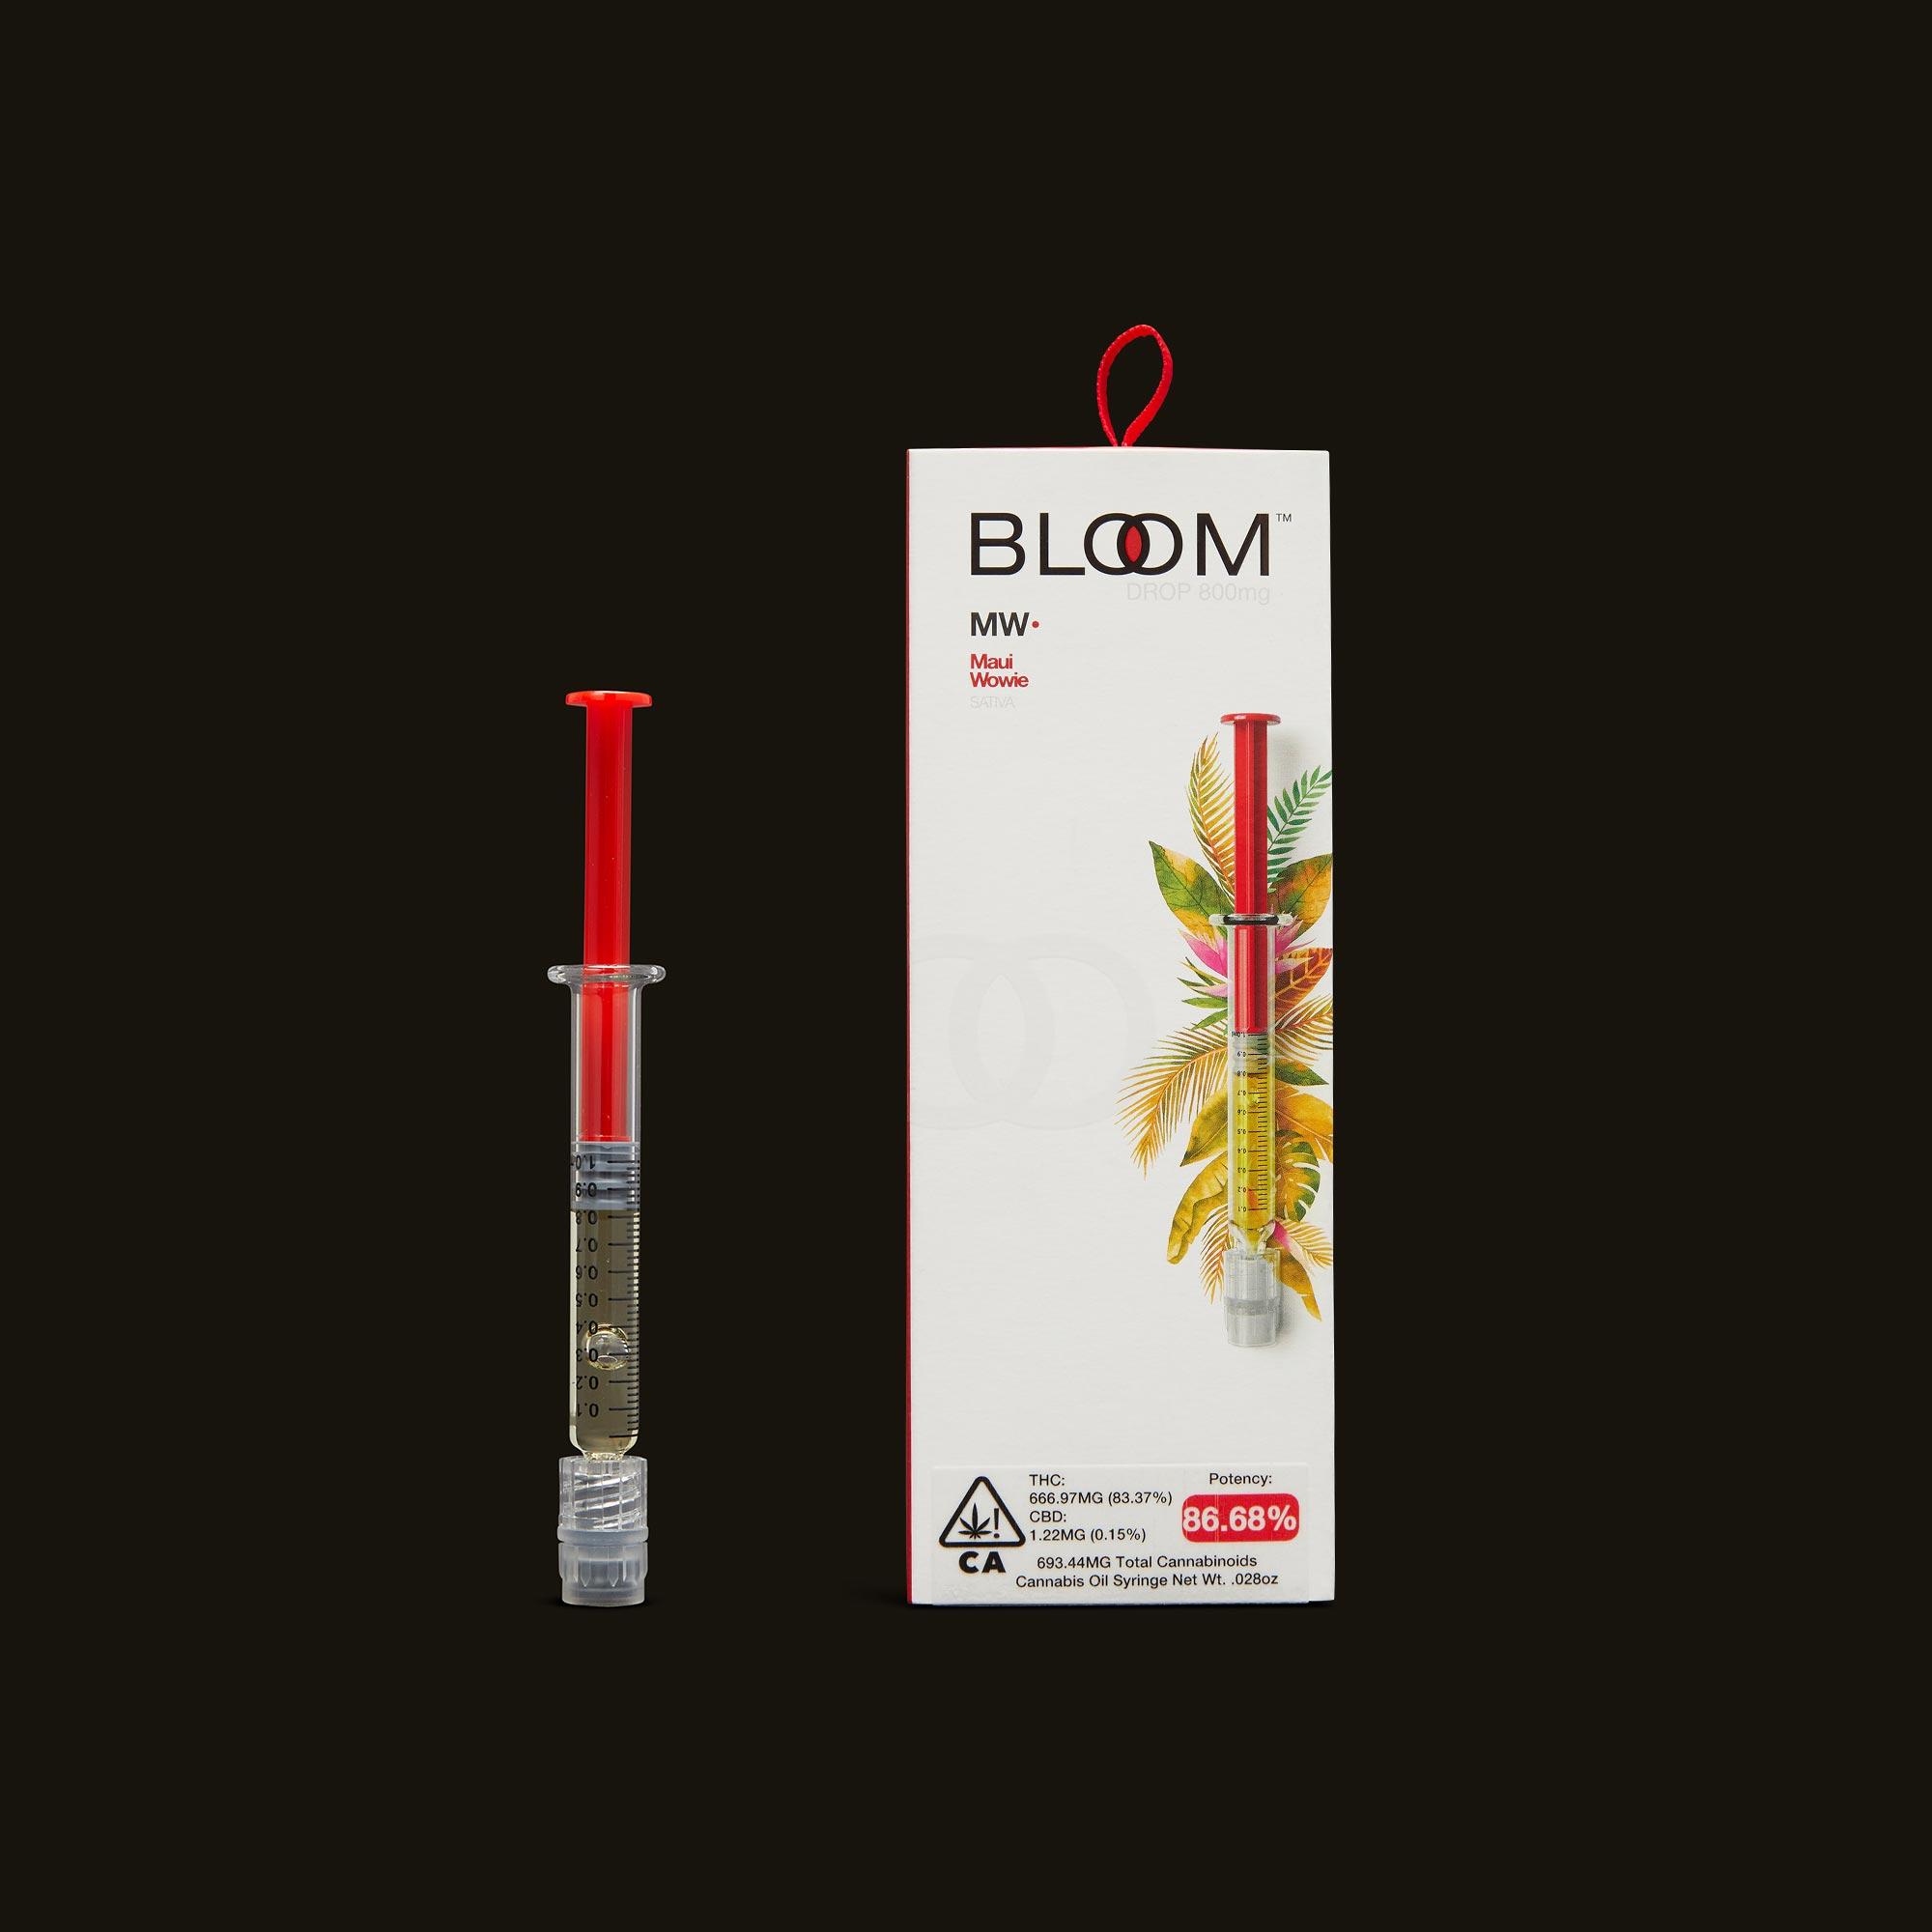 Bloom Brands Maui Wowie Drop